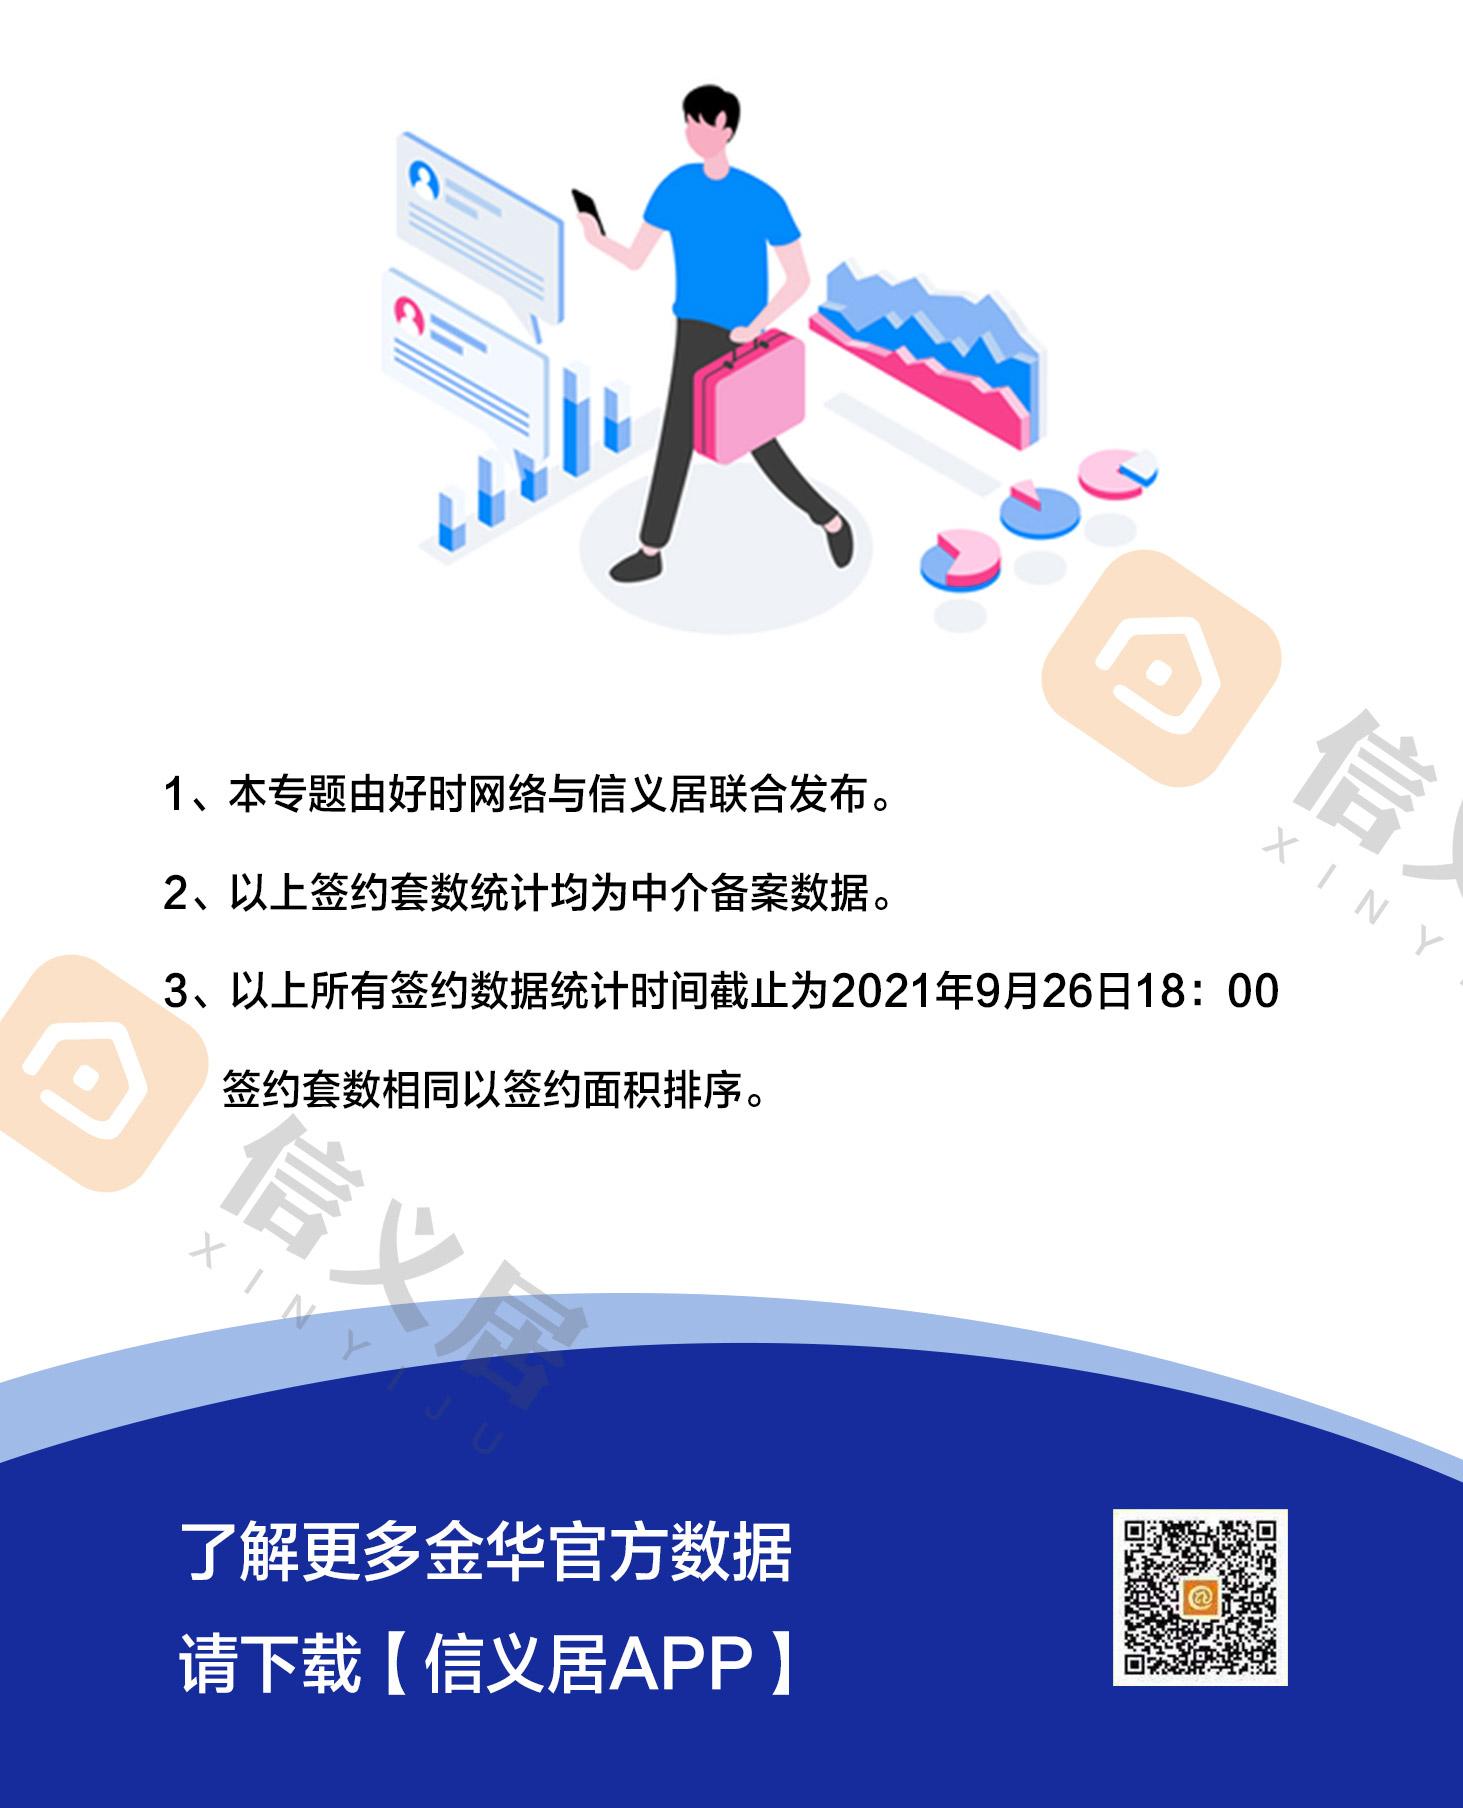 周报03_07.jpg